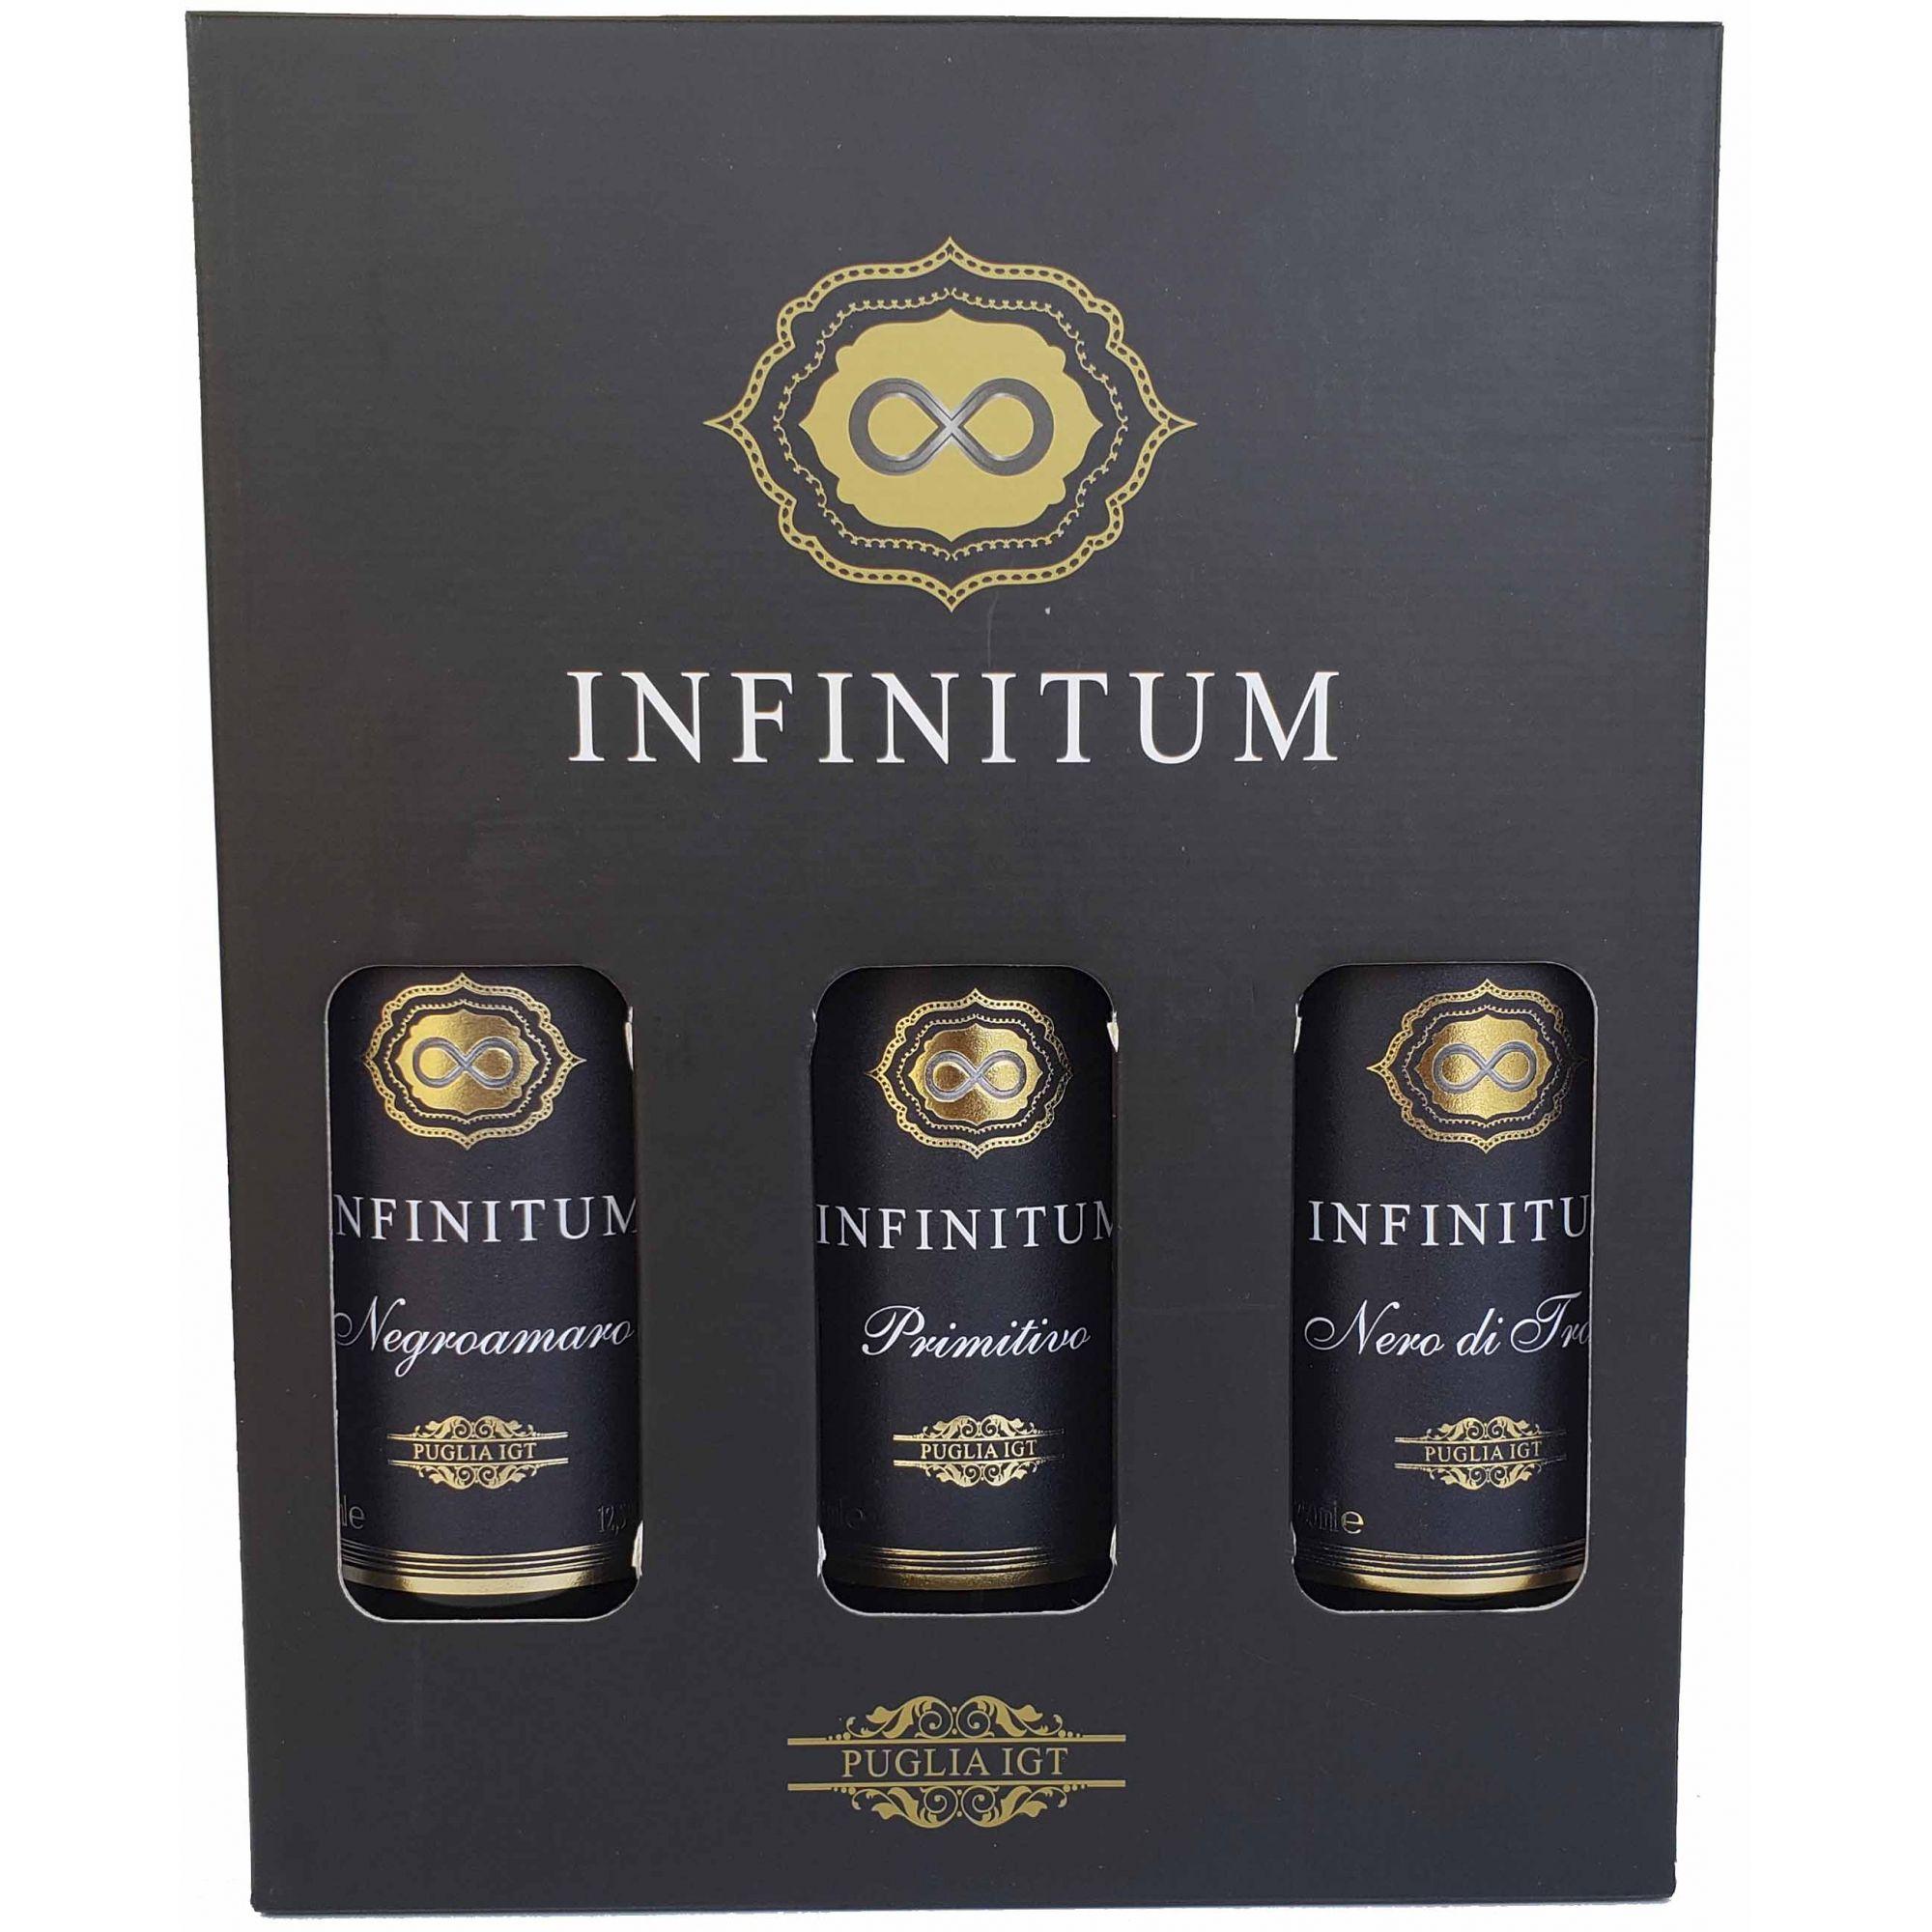 Kit Vinho Tinto Infinitum Puglia IGT Com 3 Garrafas